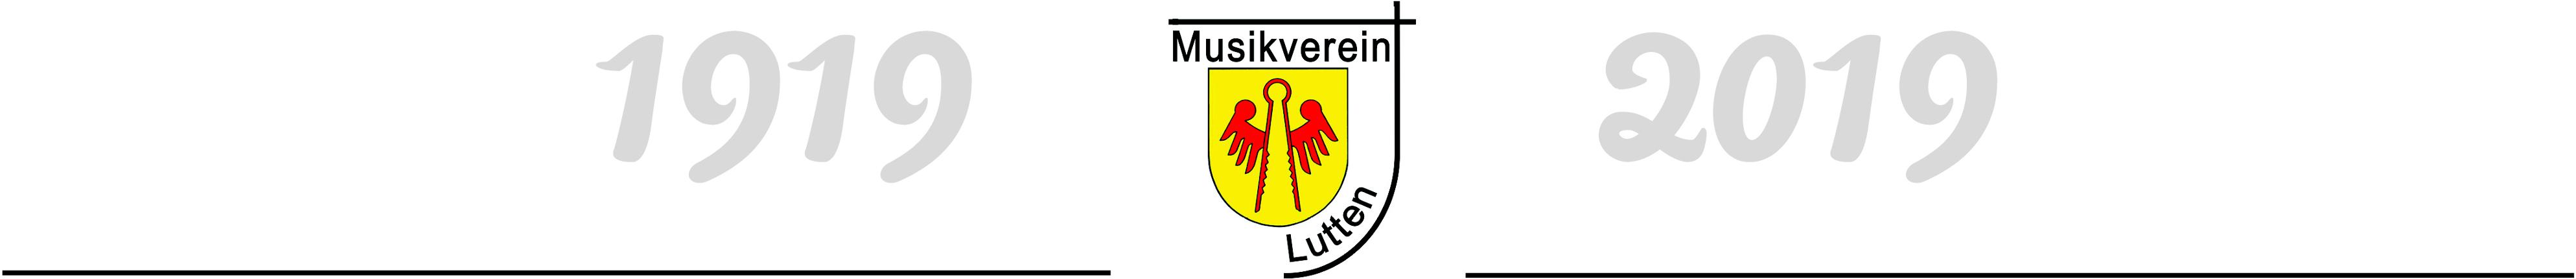 Musikverein Lutten